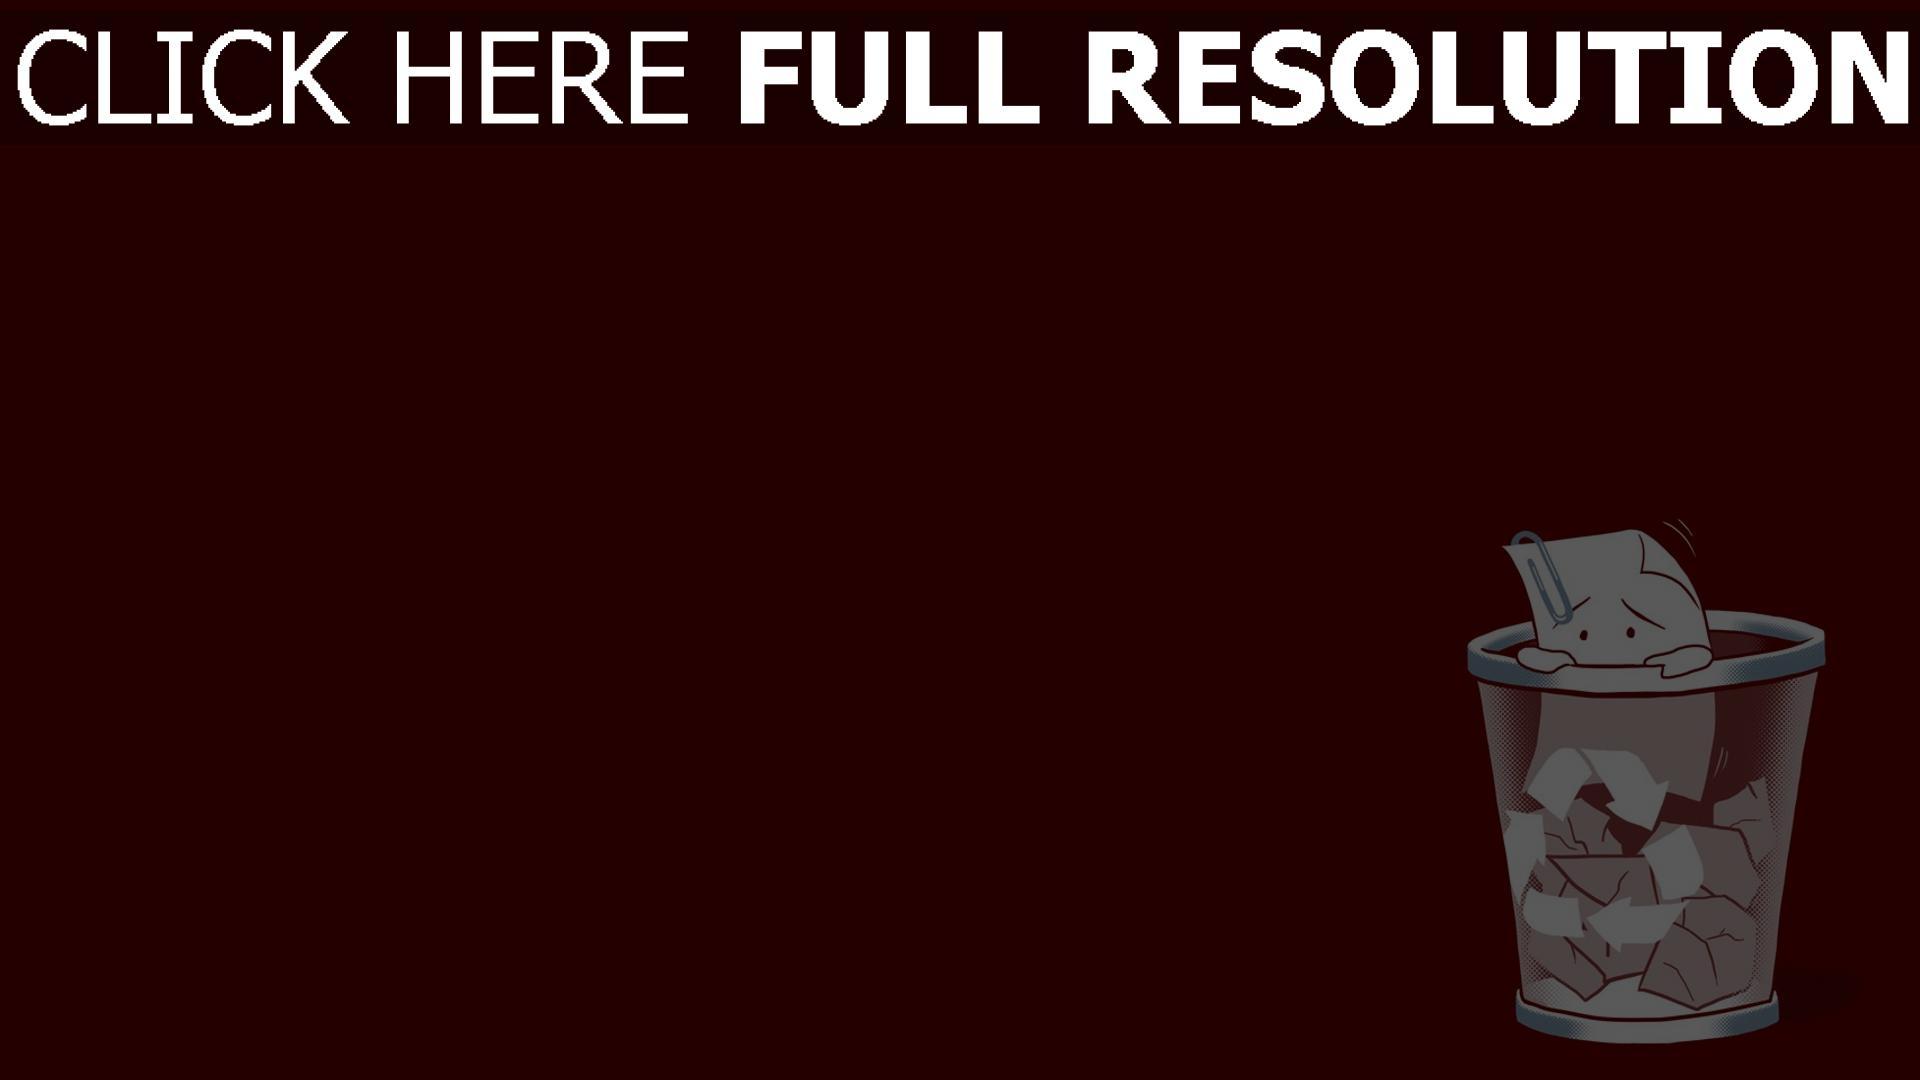 fond d'écran 1920x1080 poubelle papier rouge